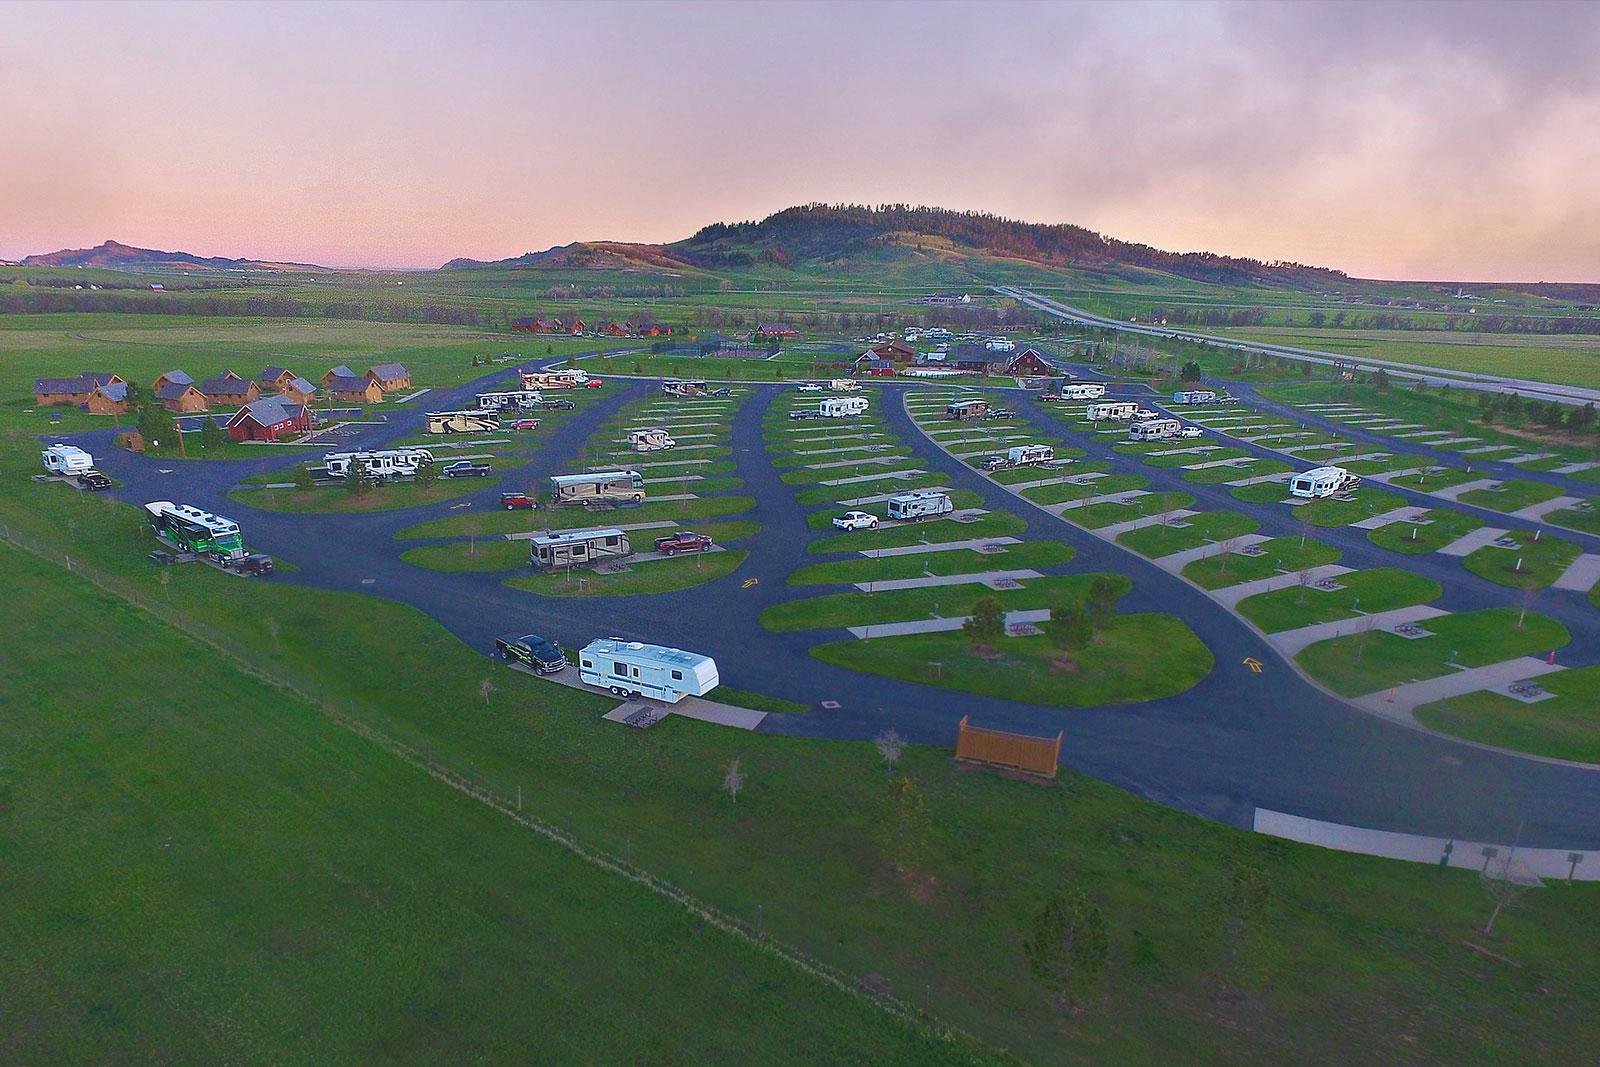 Resort-Drone-002.jpg